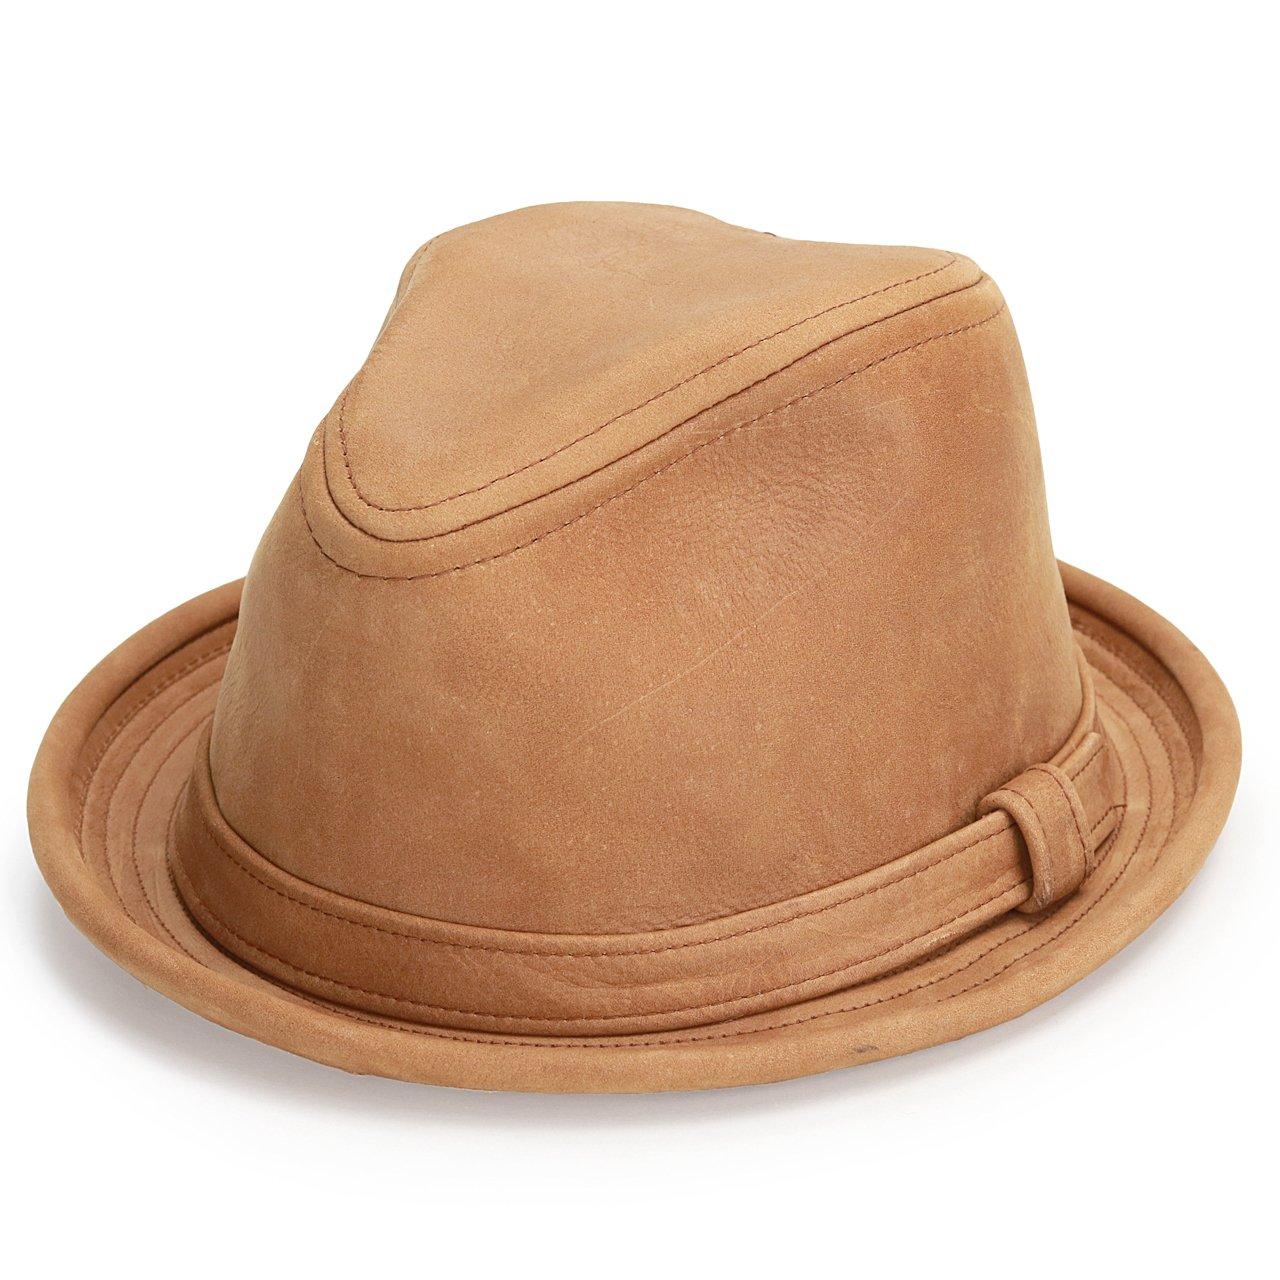 ニューヨークハット 帽子 中折れ レザー ヴィンテージ風 本革 ショートブリム 9290 Vintage Leather Fedora 茶 ラスト B00NTI7F8A   L(約57cm)